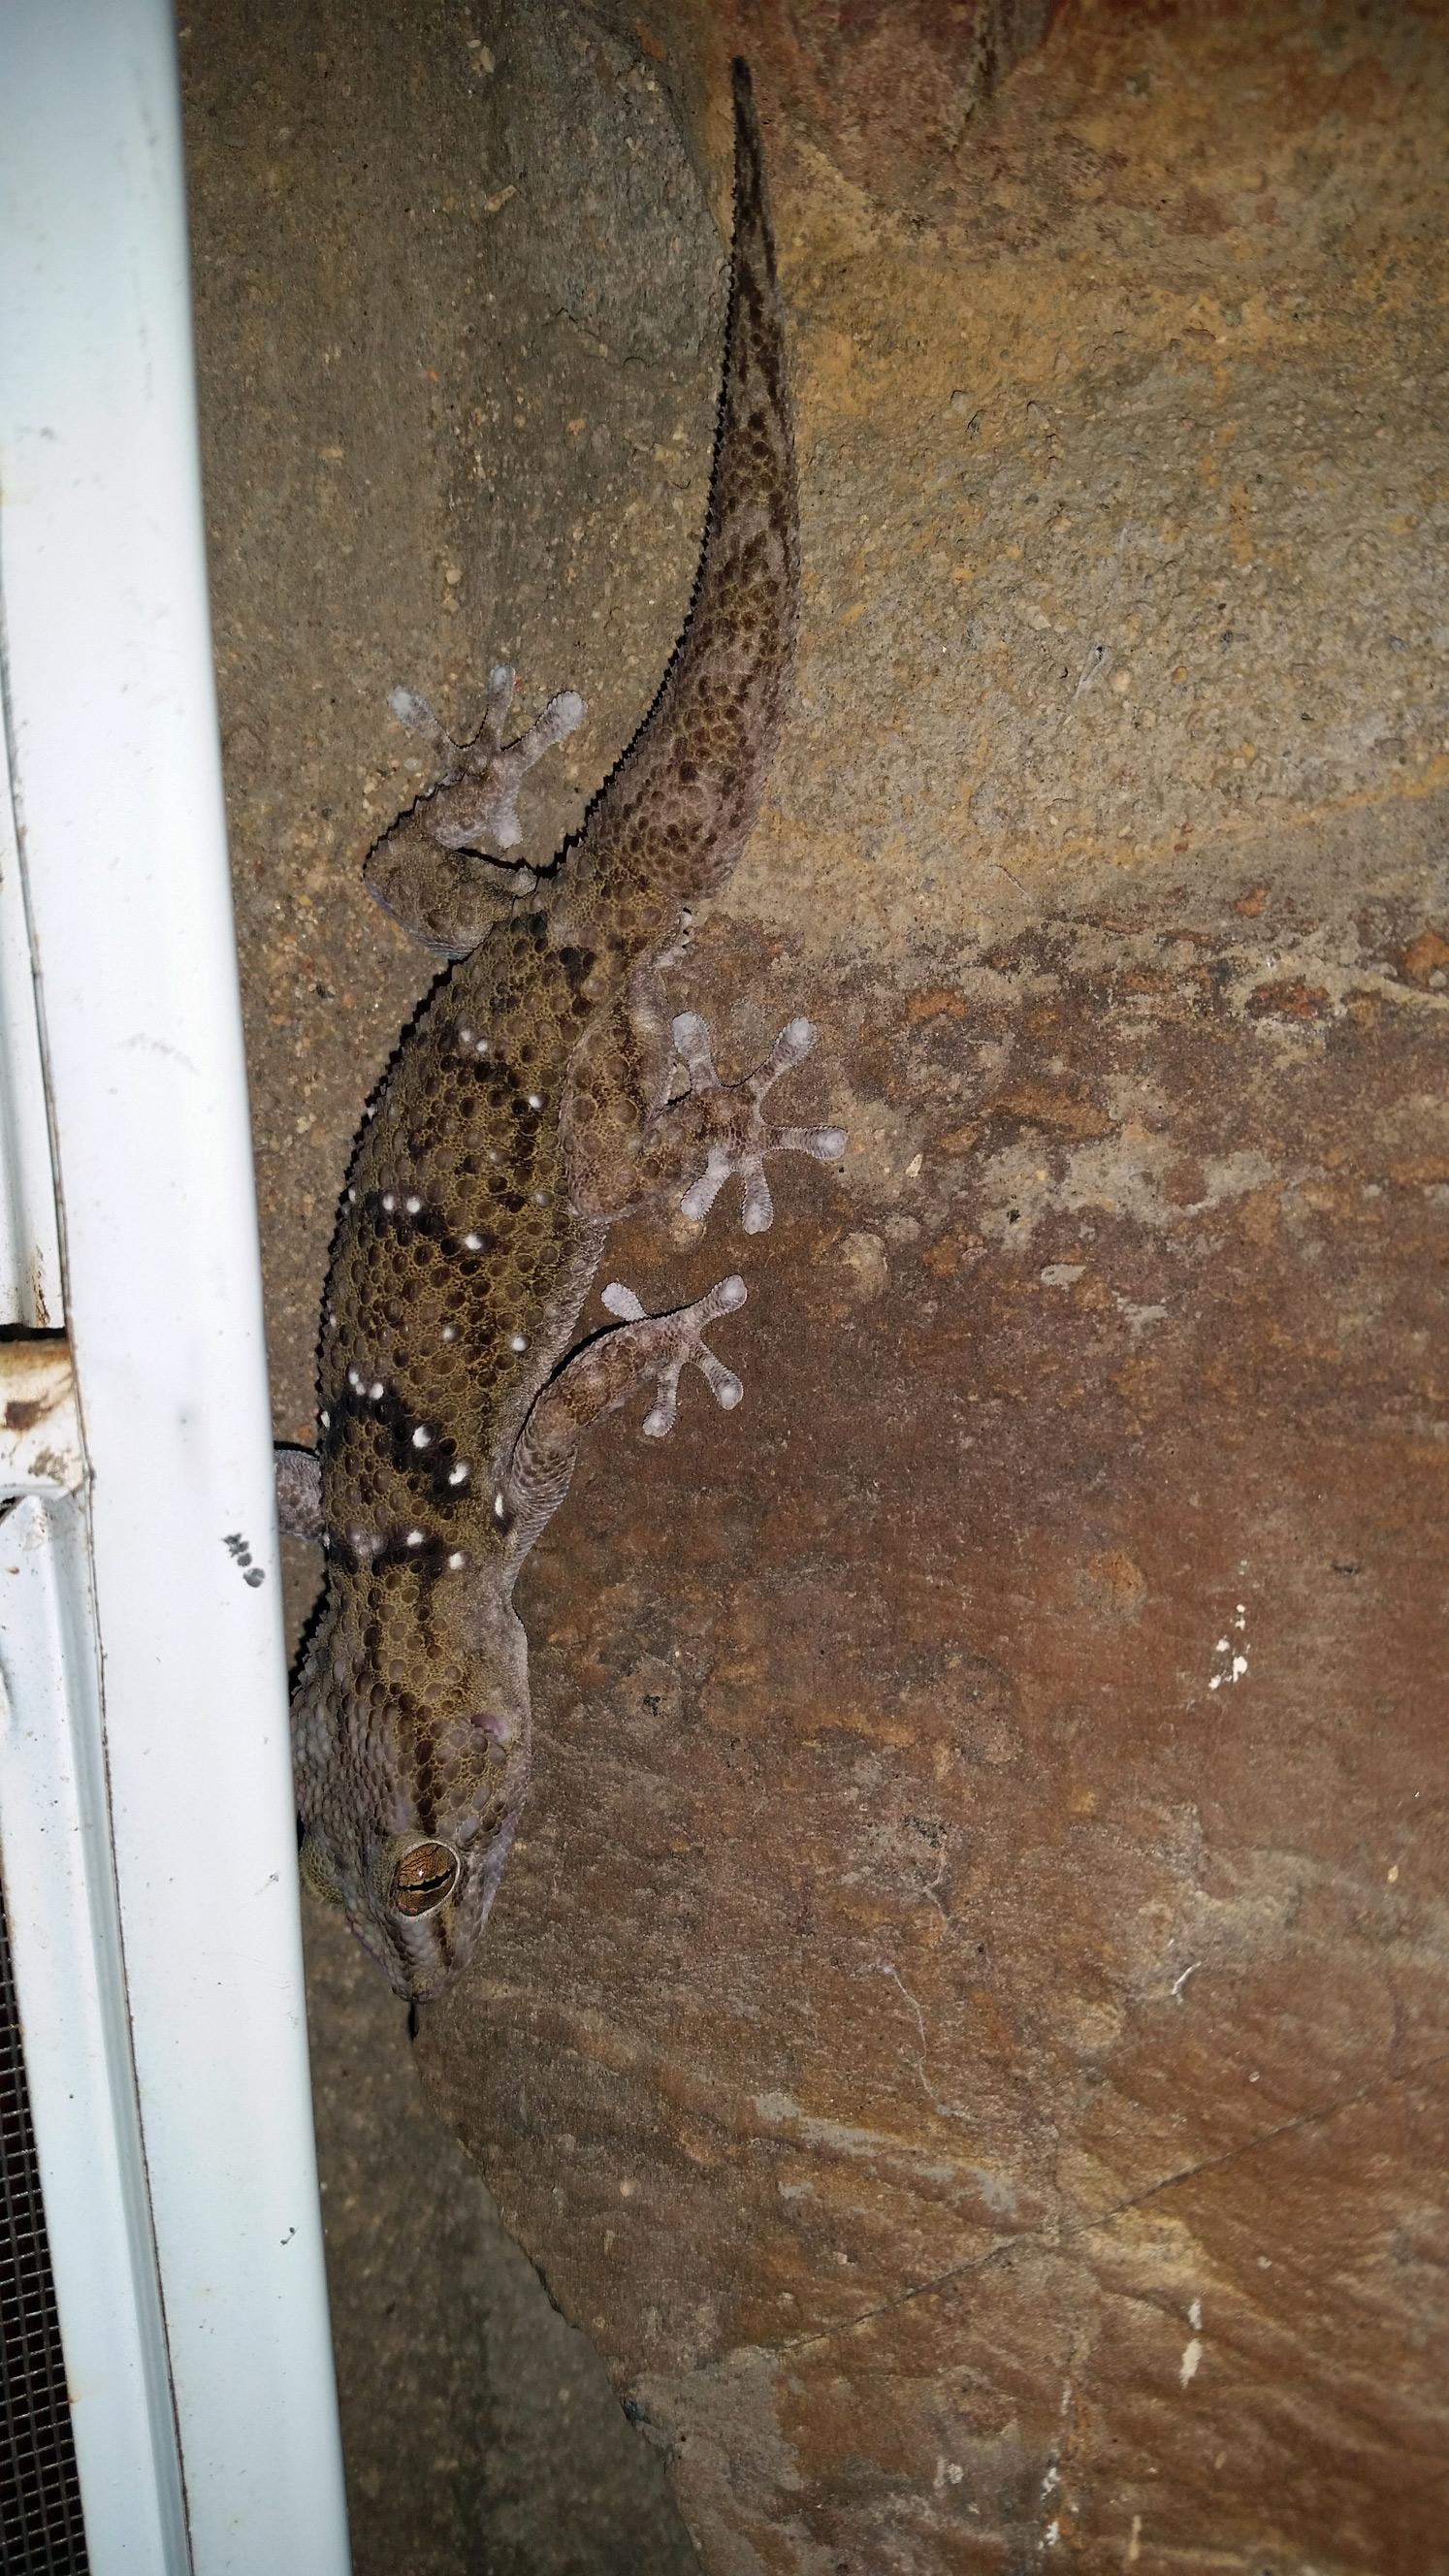 Erongo_Gecko_web